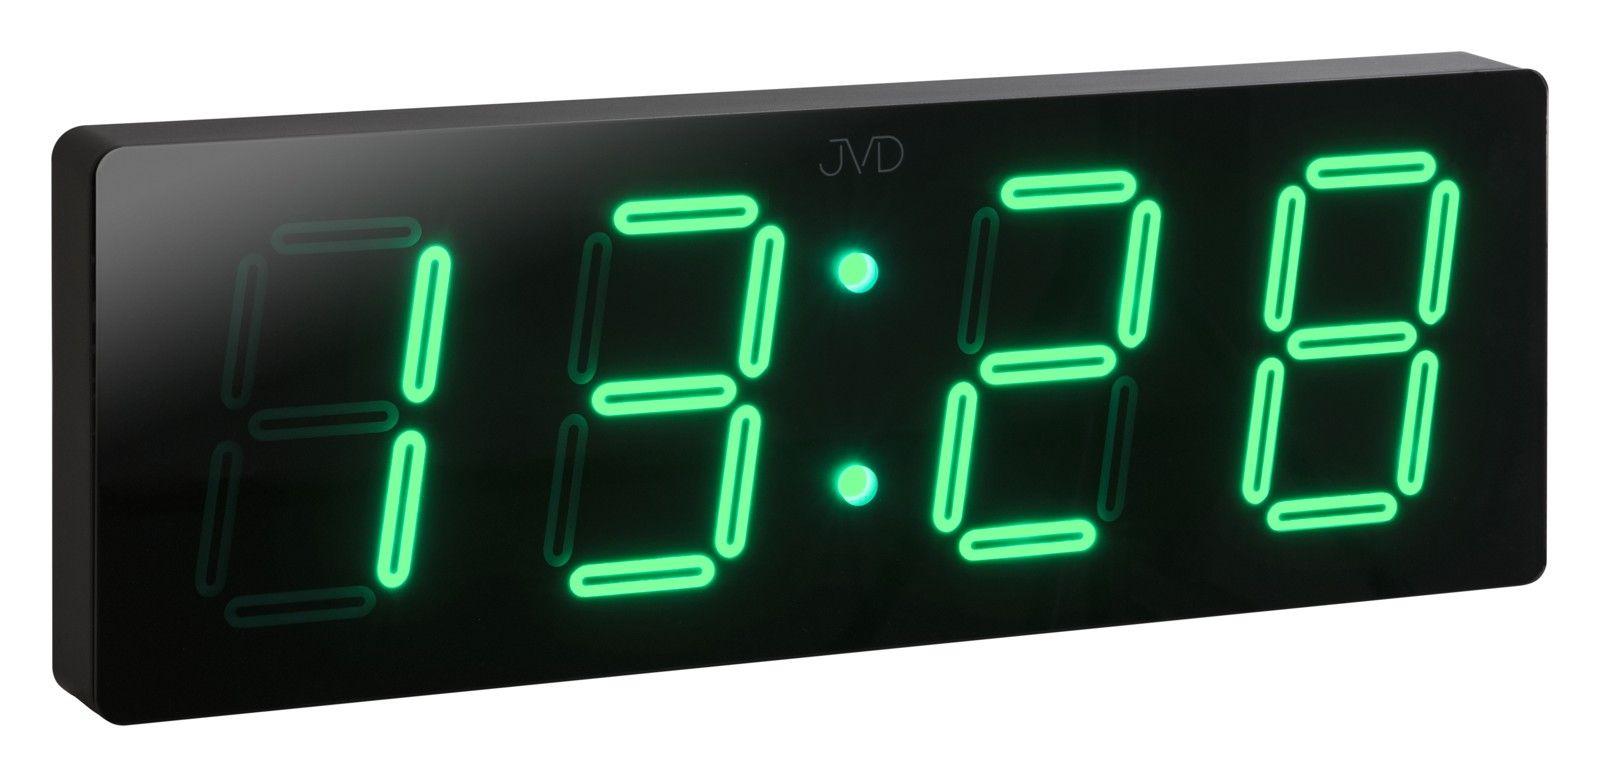 Velké svítící digitální moderní hodiny JVD DH1.3 POŠTOVNÉ ZDARMA! (POŠTOVNÉ ZDARMA!!!)